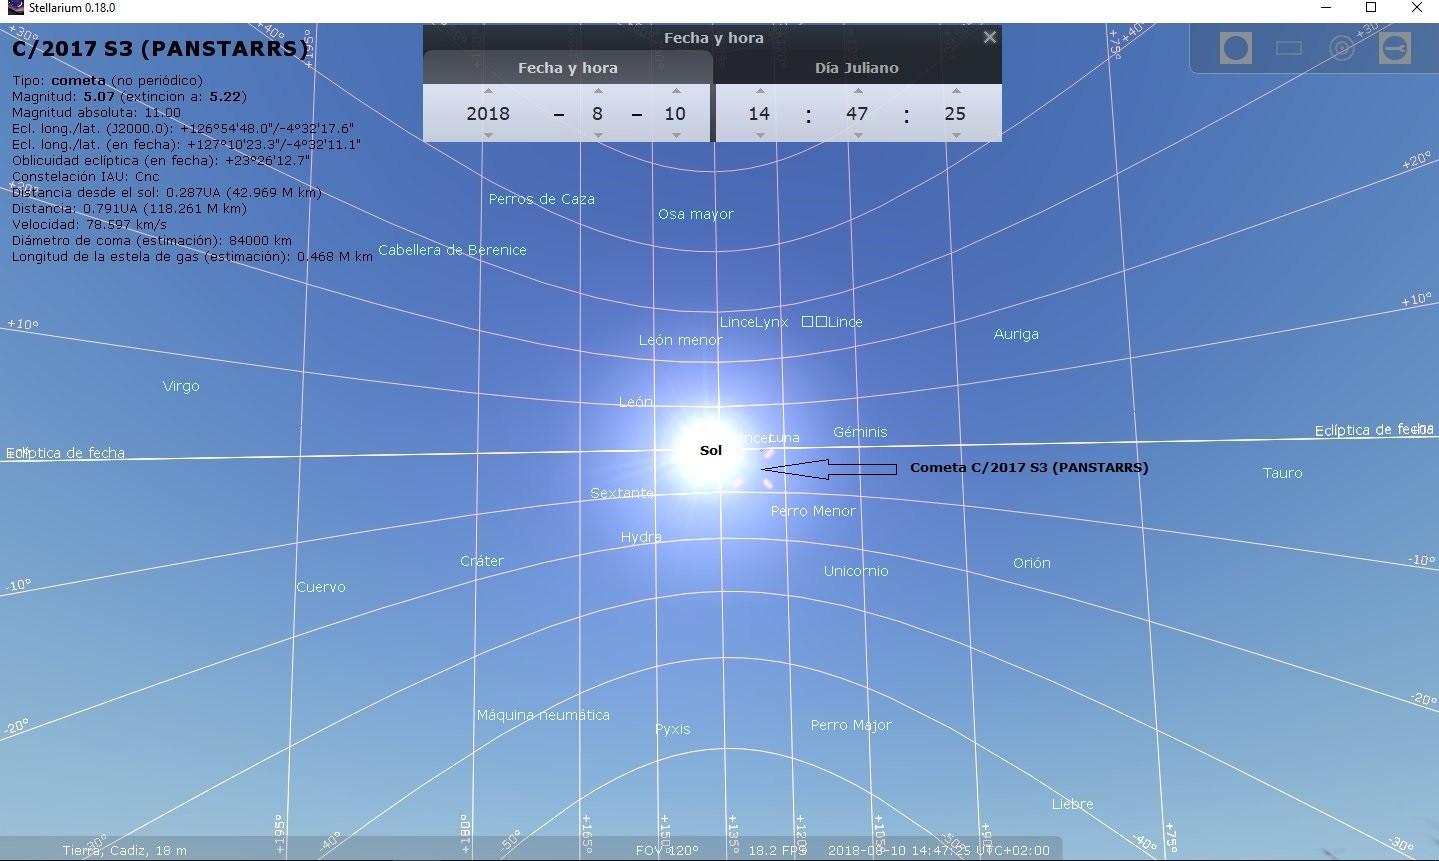 Monitoreo de la Actividad Solar 2018 - Página 5 Vista_11